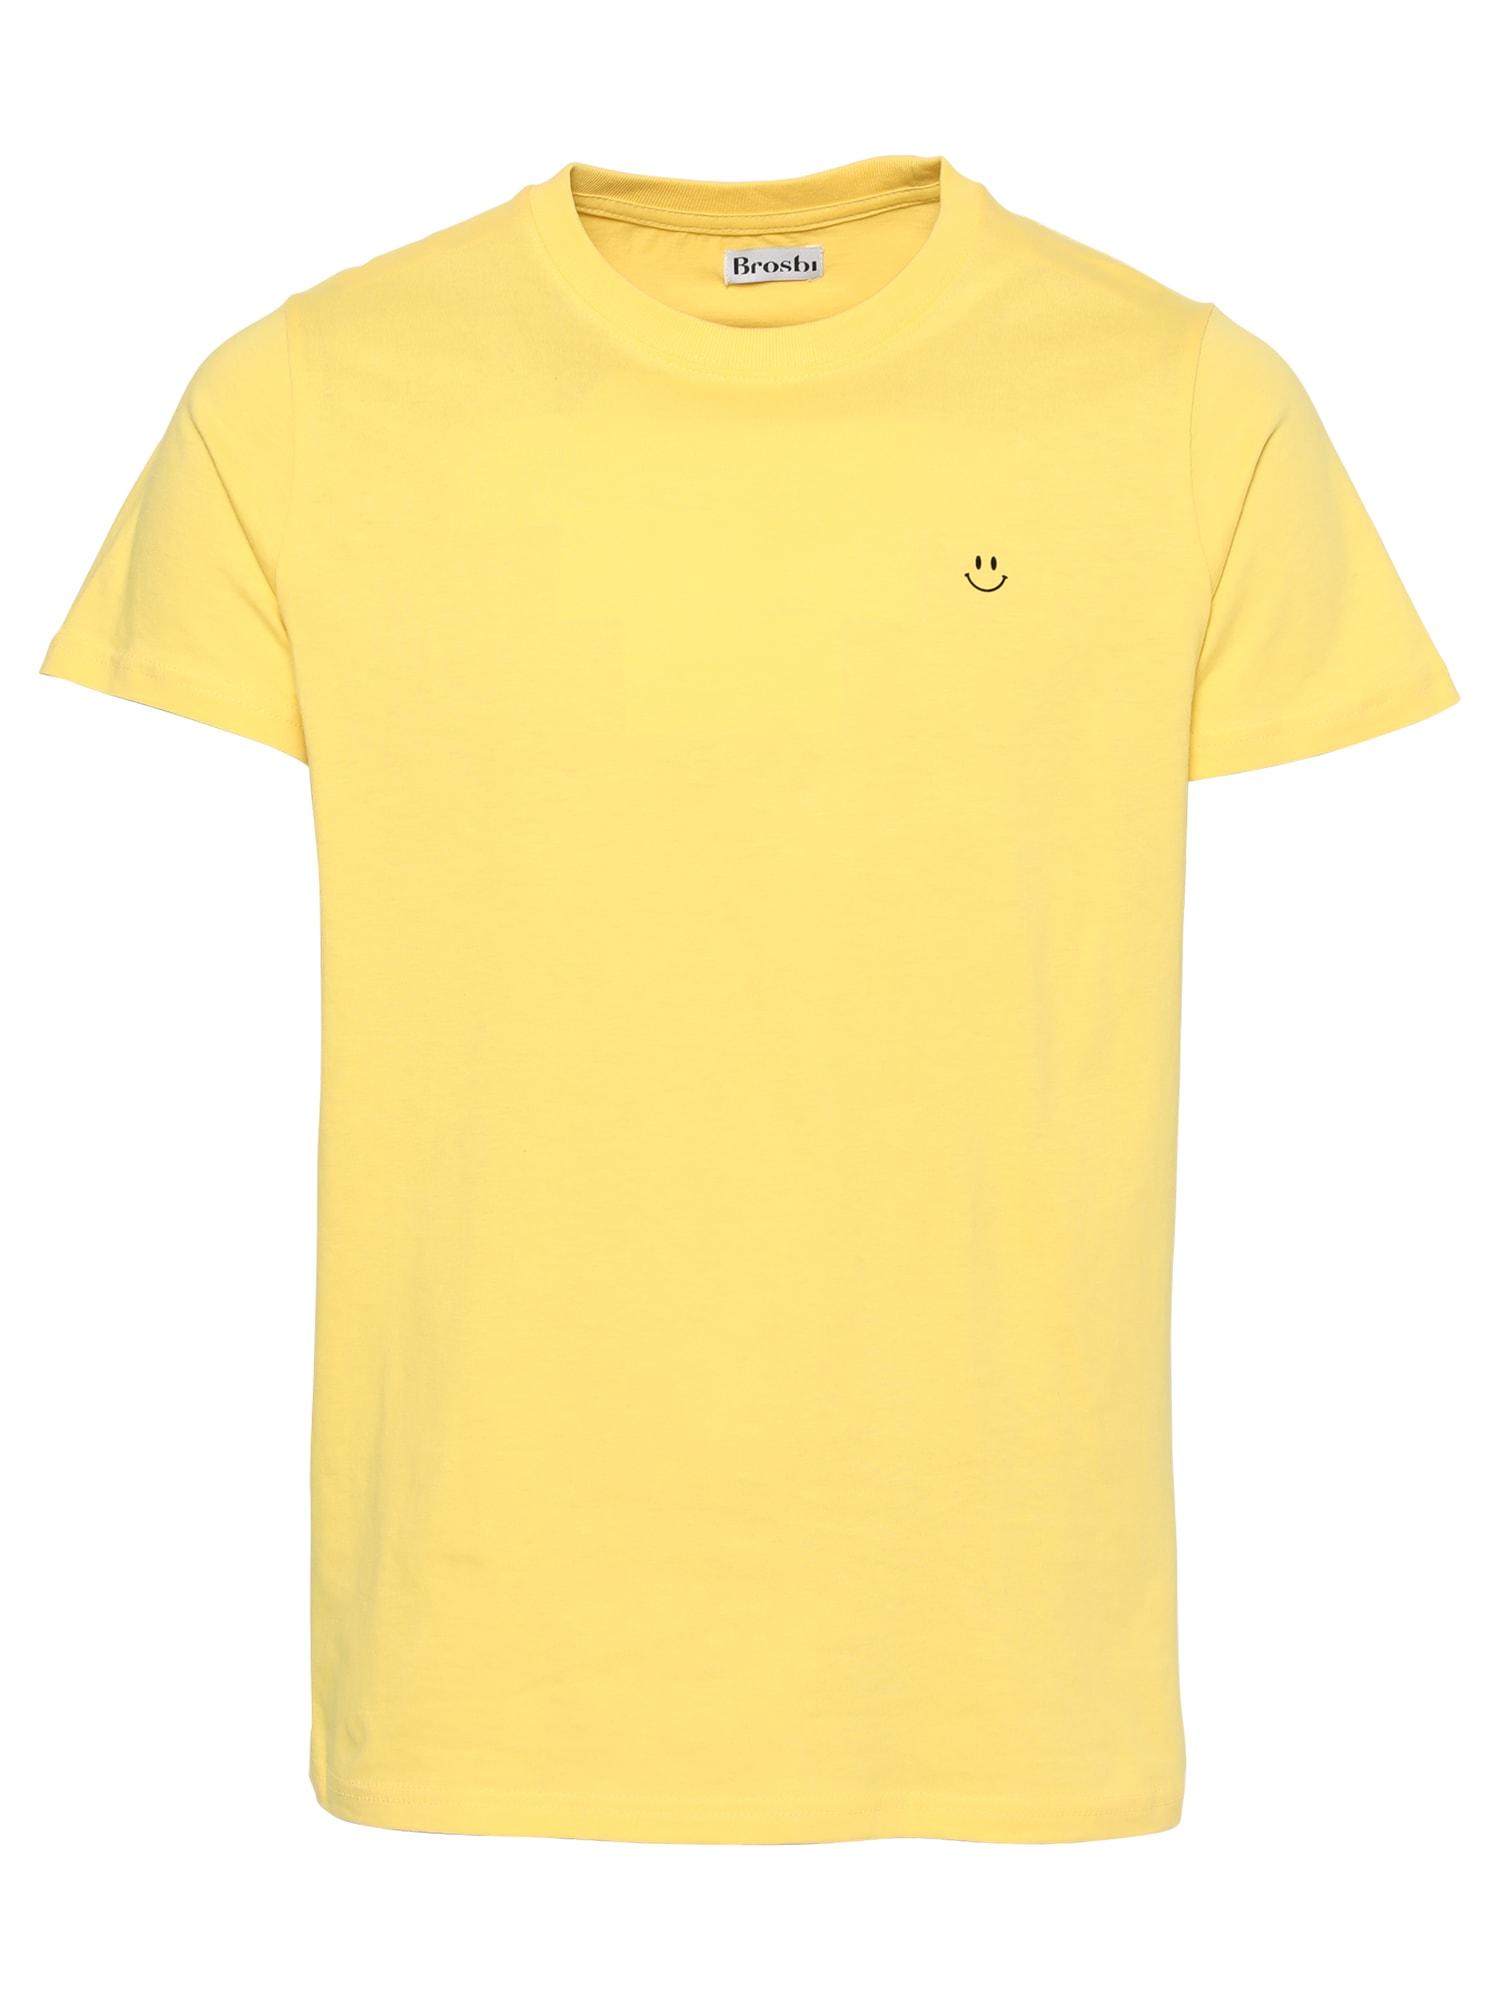 Brosbi Marškinėliai geltona